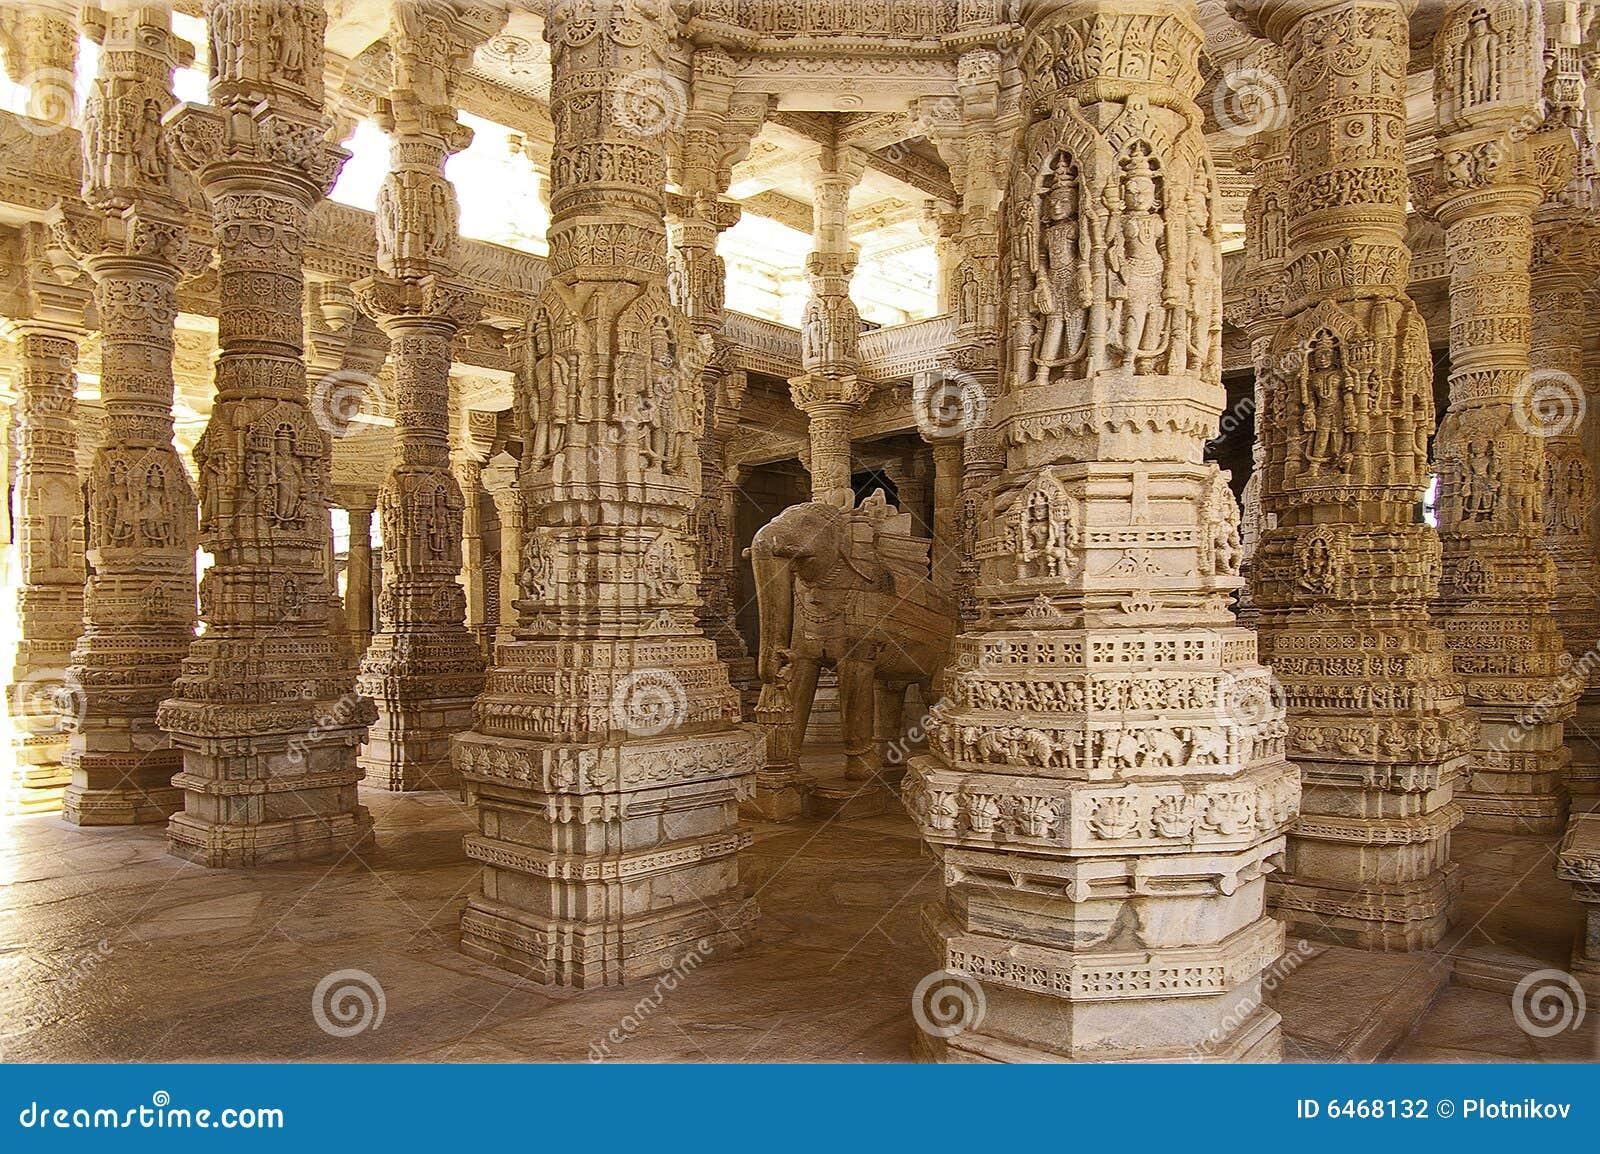 Columned Halle eines Jain Tempels in Ranakpur, Indien